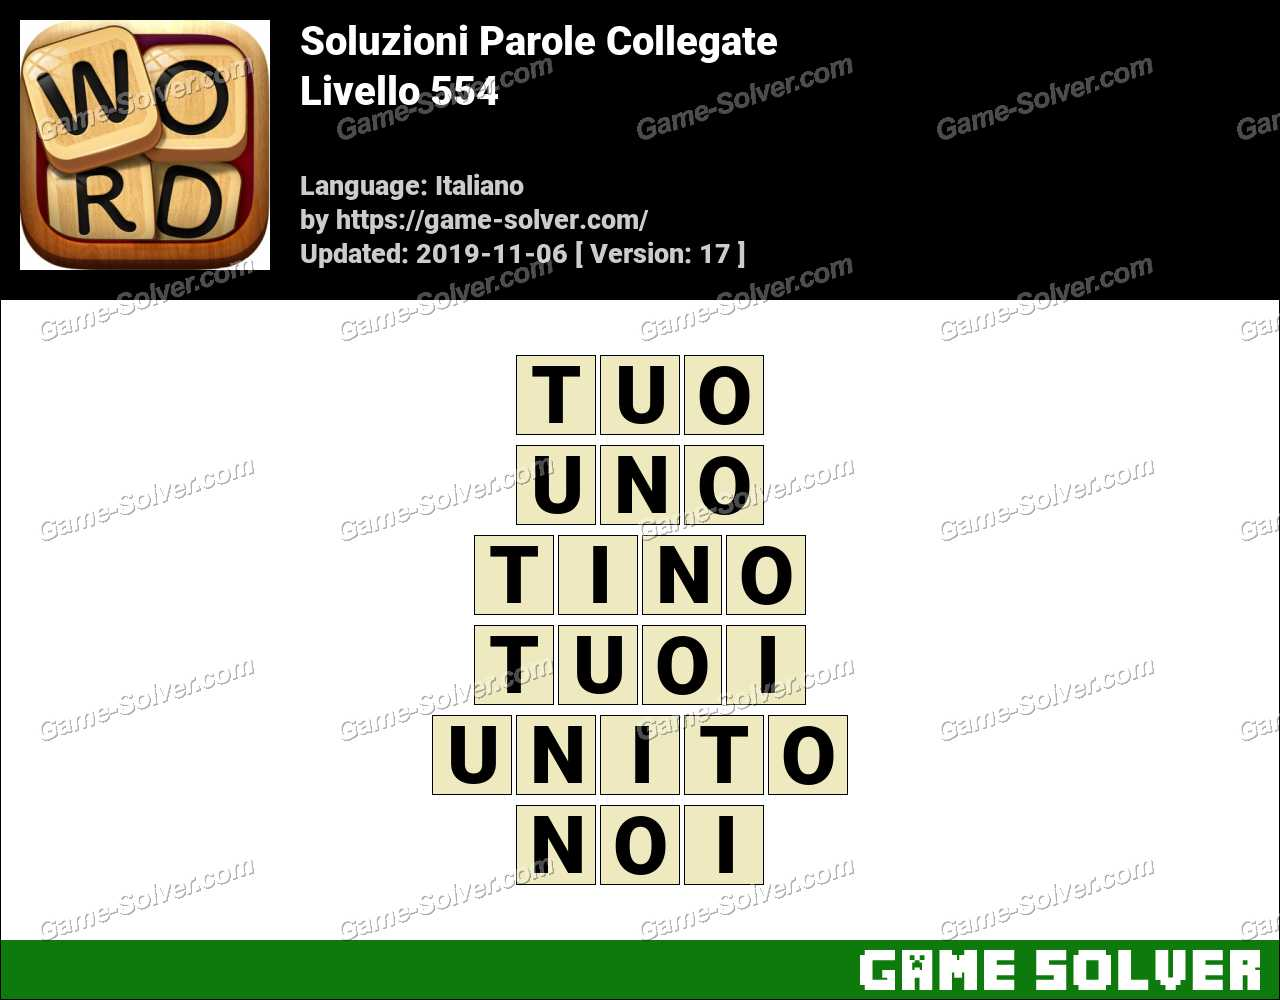 Soluzioni Parole Collegate Livello 554